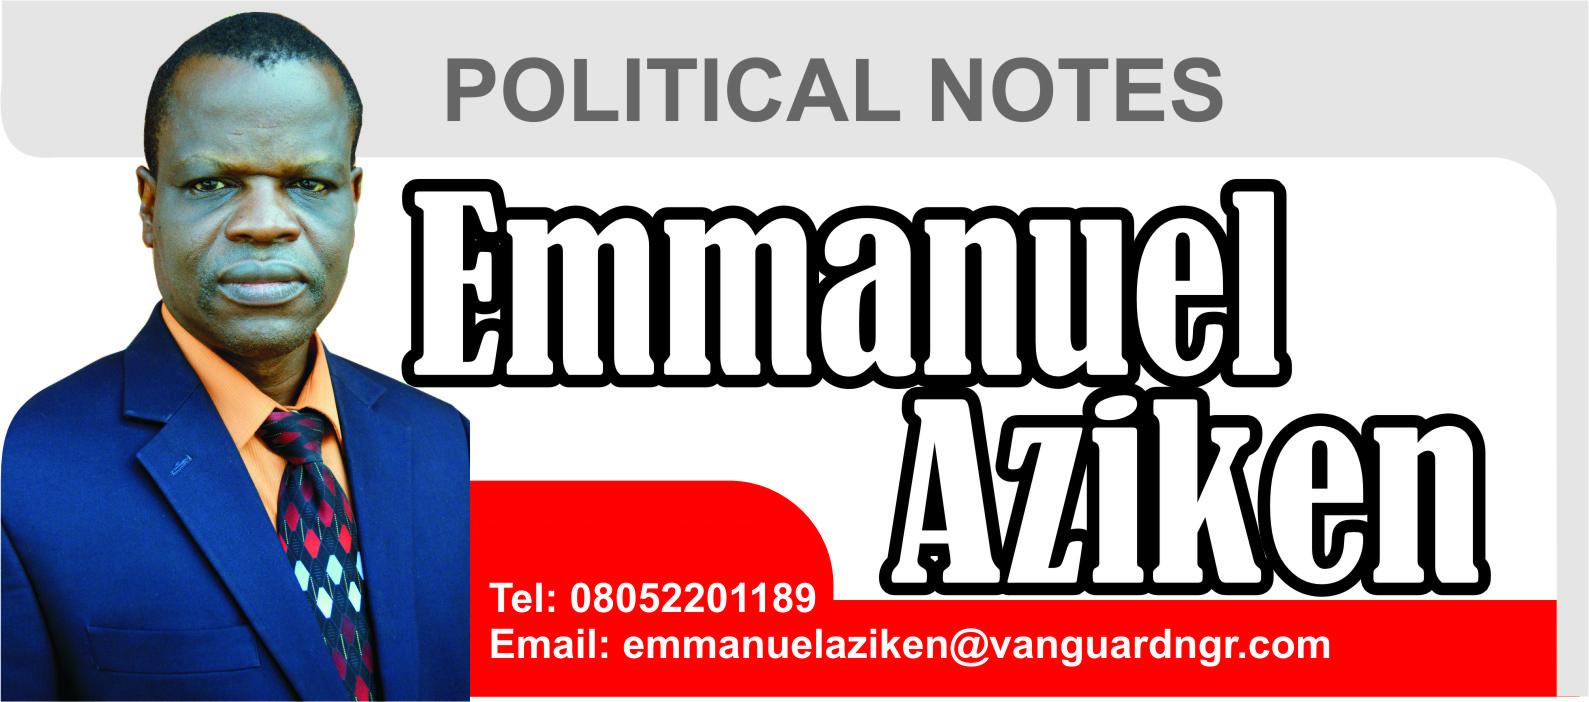 Emmanuel Aziken Why Ngige likes mocking the NLC